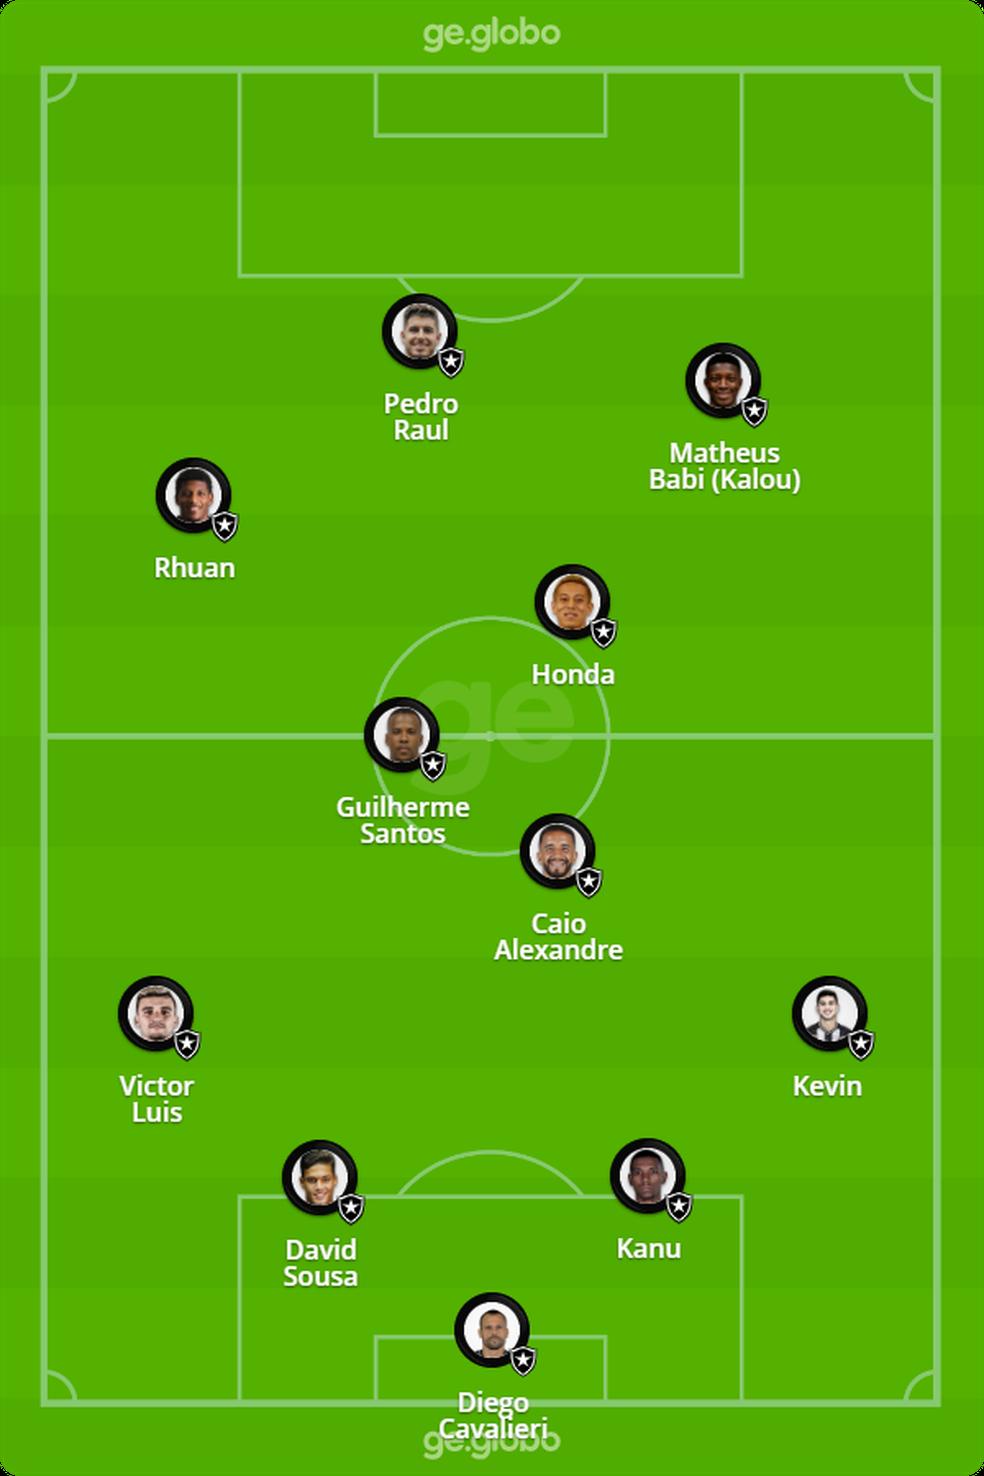 Provável escalação do Botafogo contra o Grêmio — Foto: ge